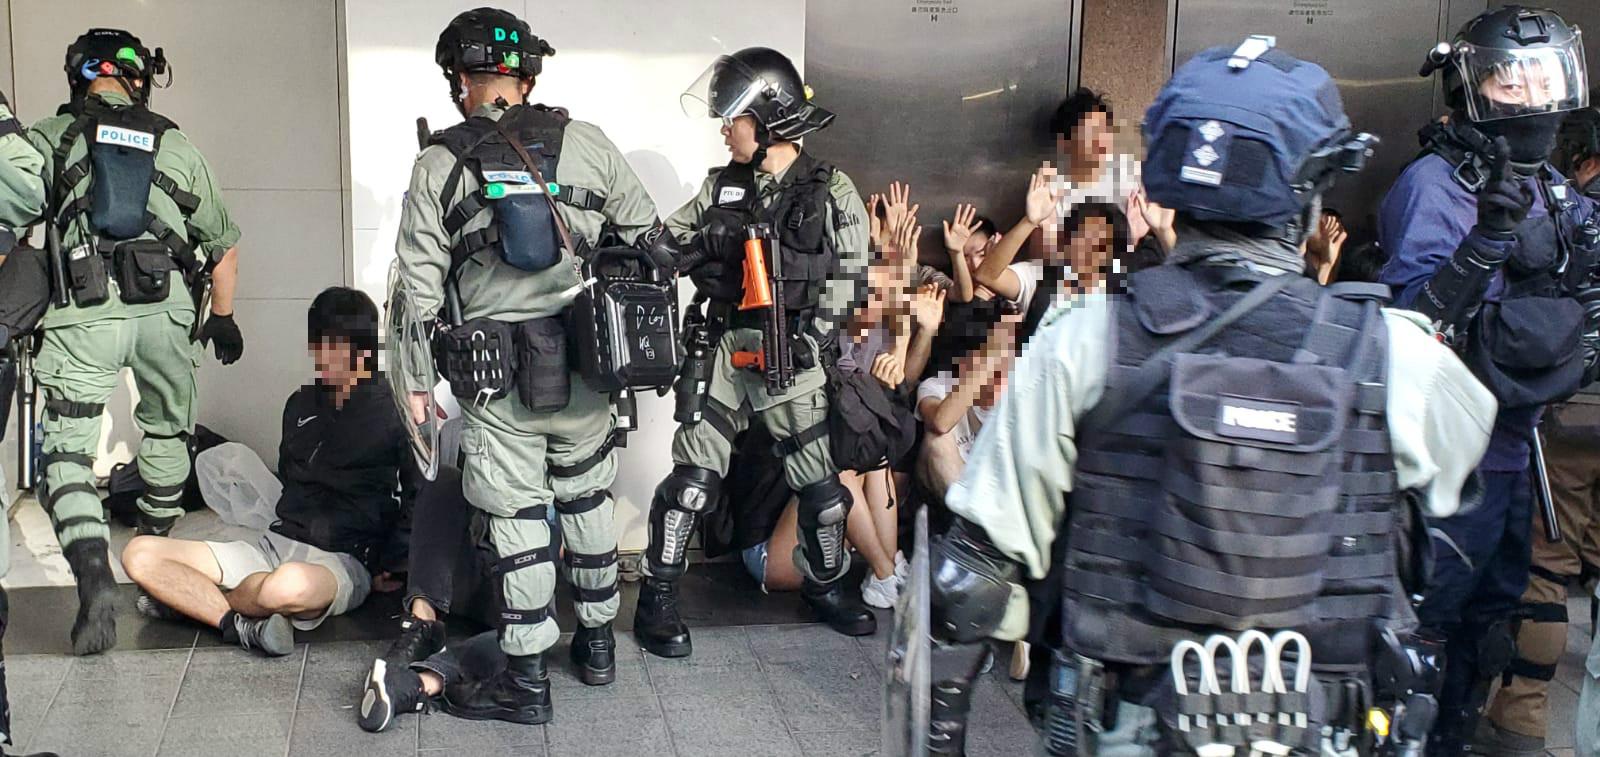 警察制服多名示威者。